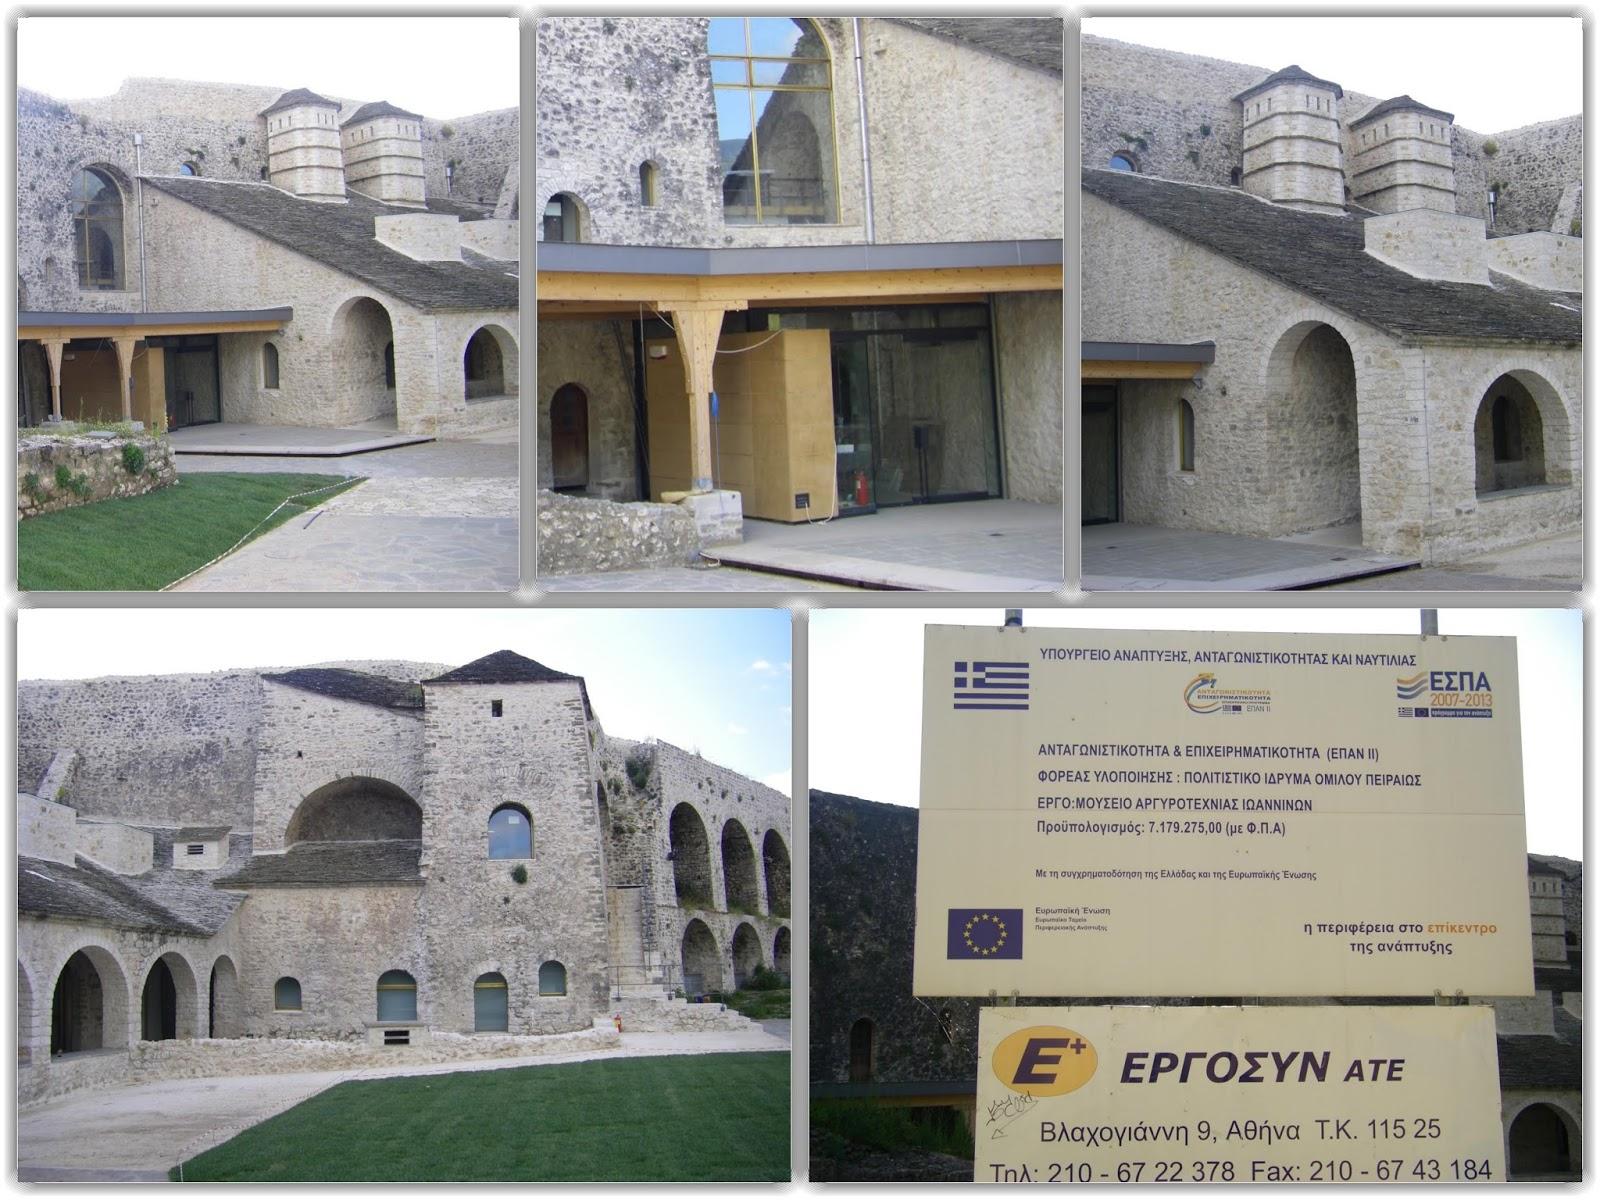 Ιωάννινα: Το Σάββατο 24 Σεπτεμβρίου θα πραγματοποιηθούν τα εγκαίνια του Μουσείου Αργυροτεχνίας